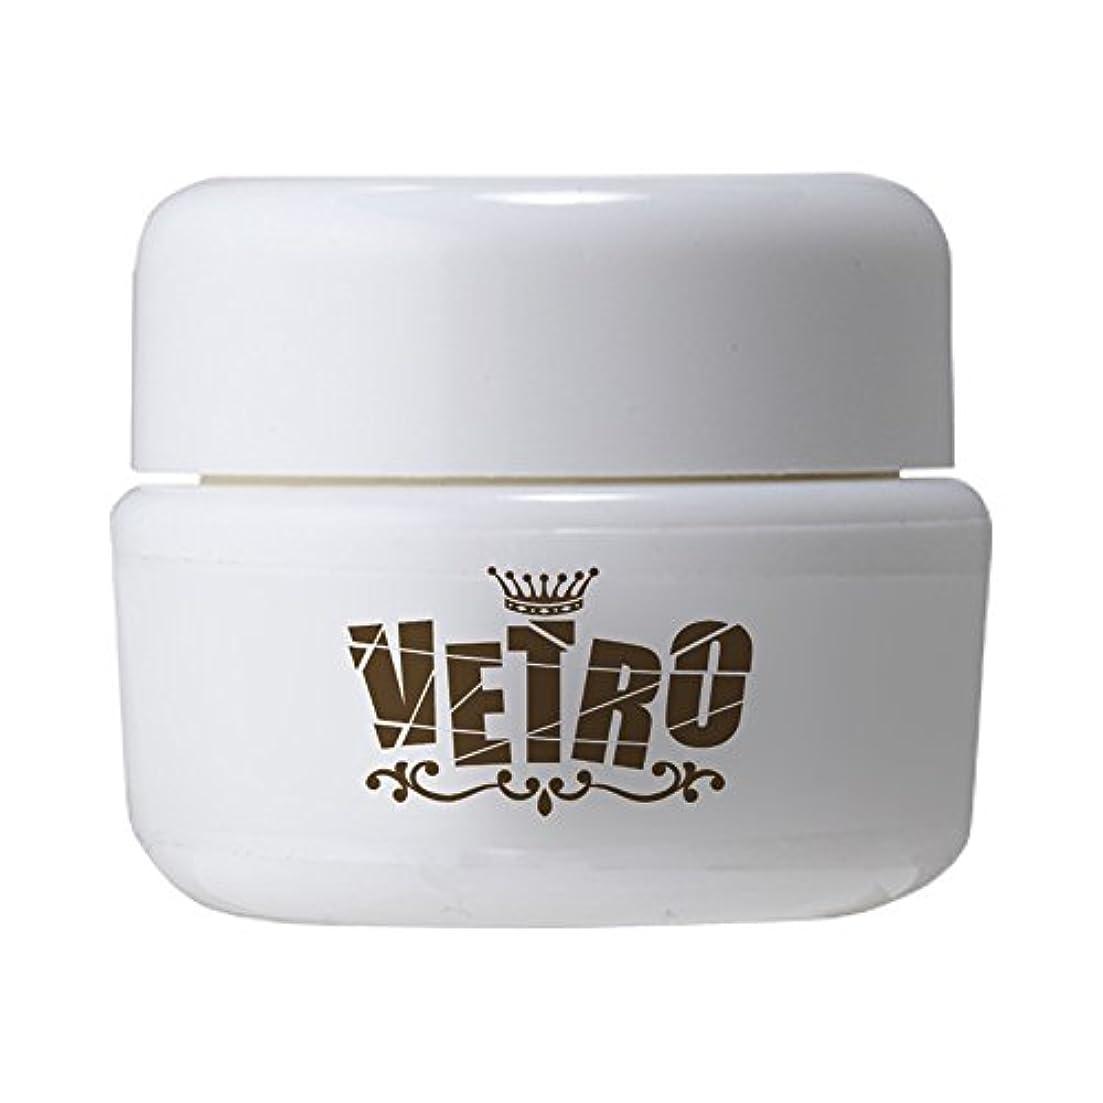 許容できる正確な誇張VETRO No.19 カラージェル マット VL224 ミステリアスヌード 4ml